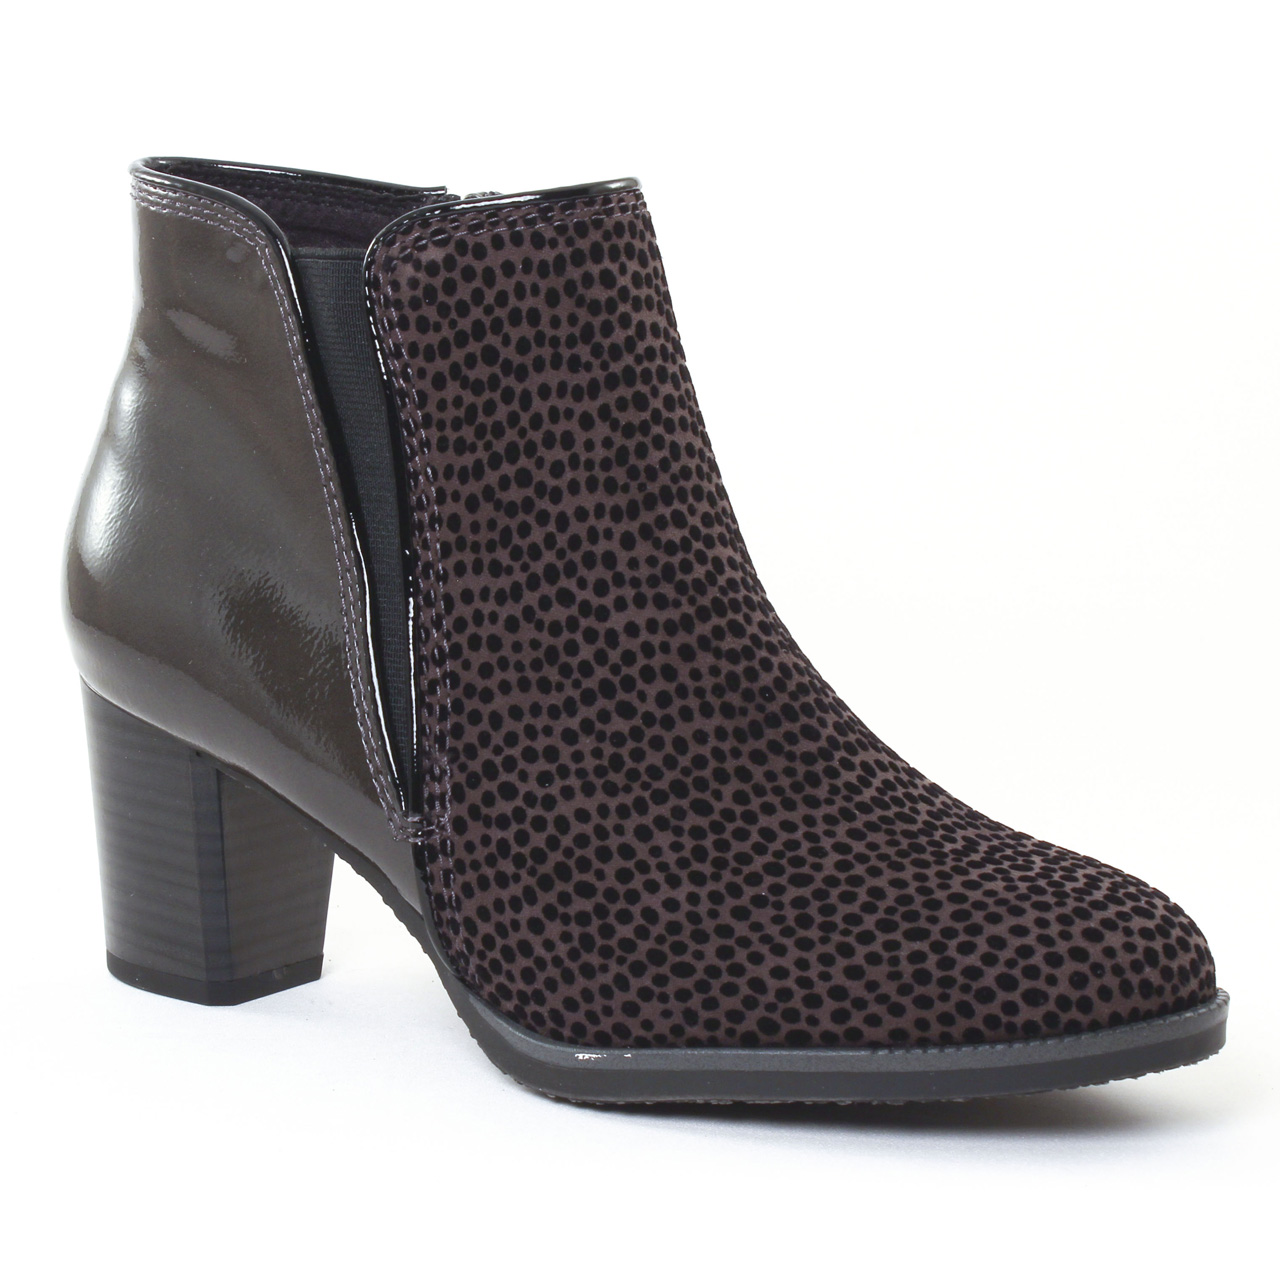 b2ccd4f834344e Chaussures femme hiver 2016 - boots élastiquées marco tozzi gris noir